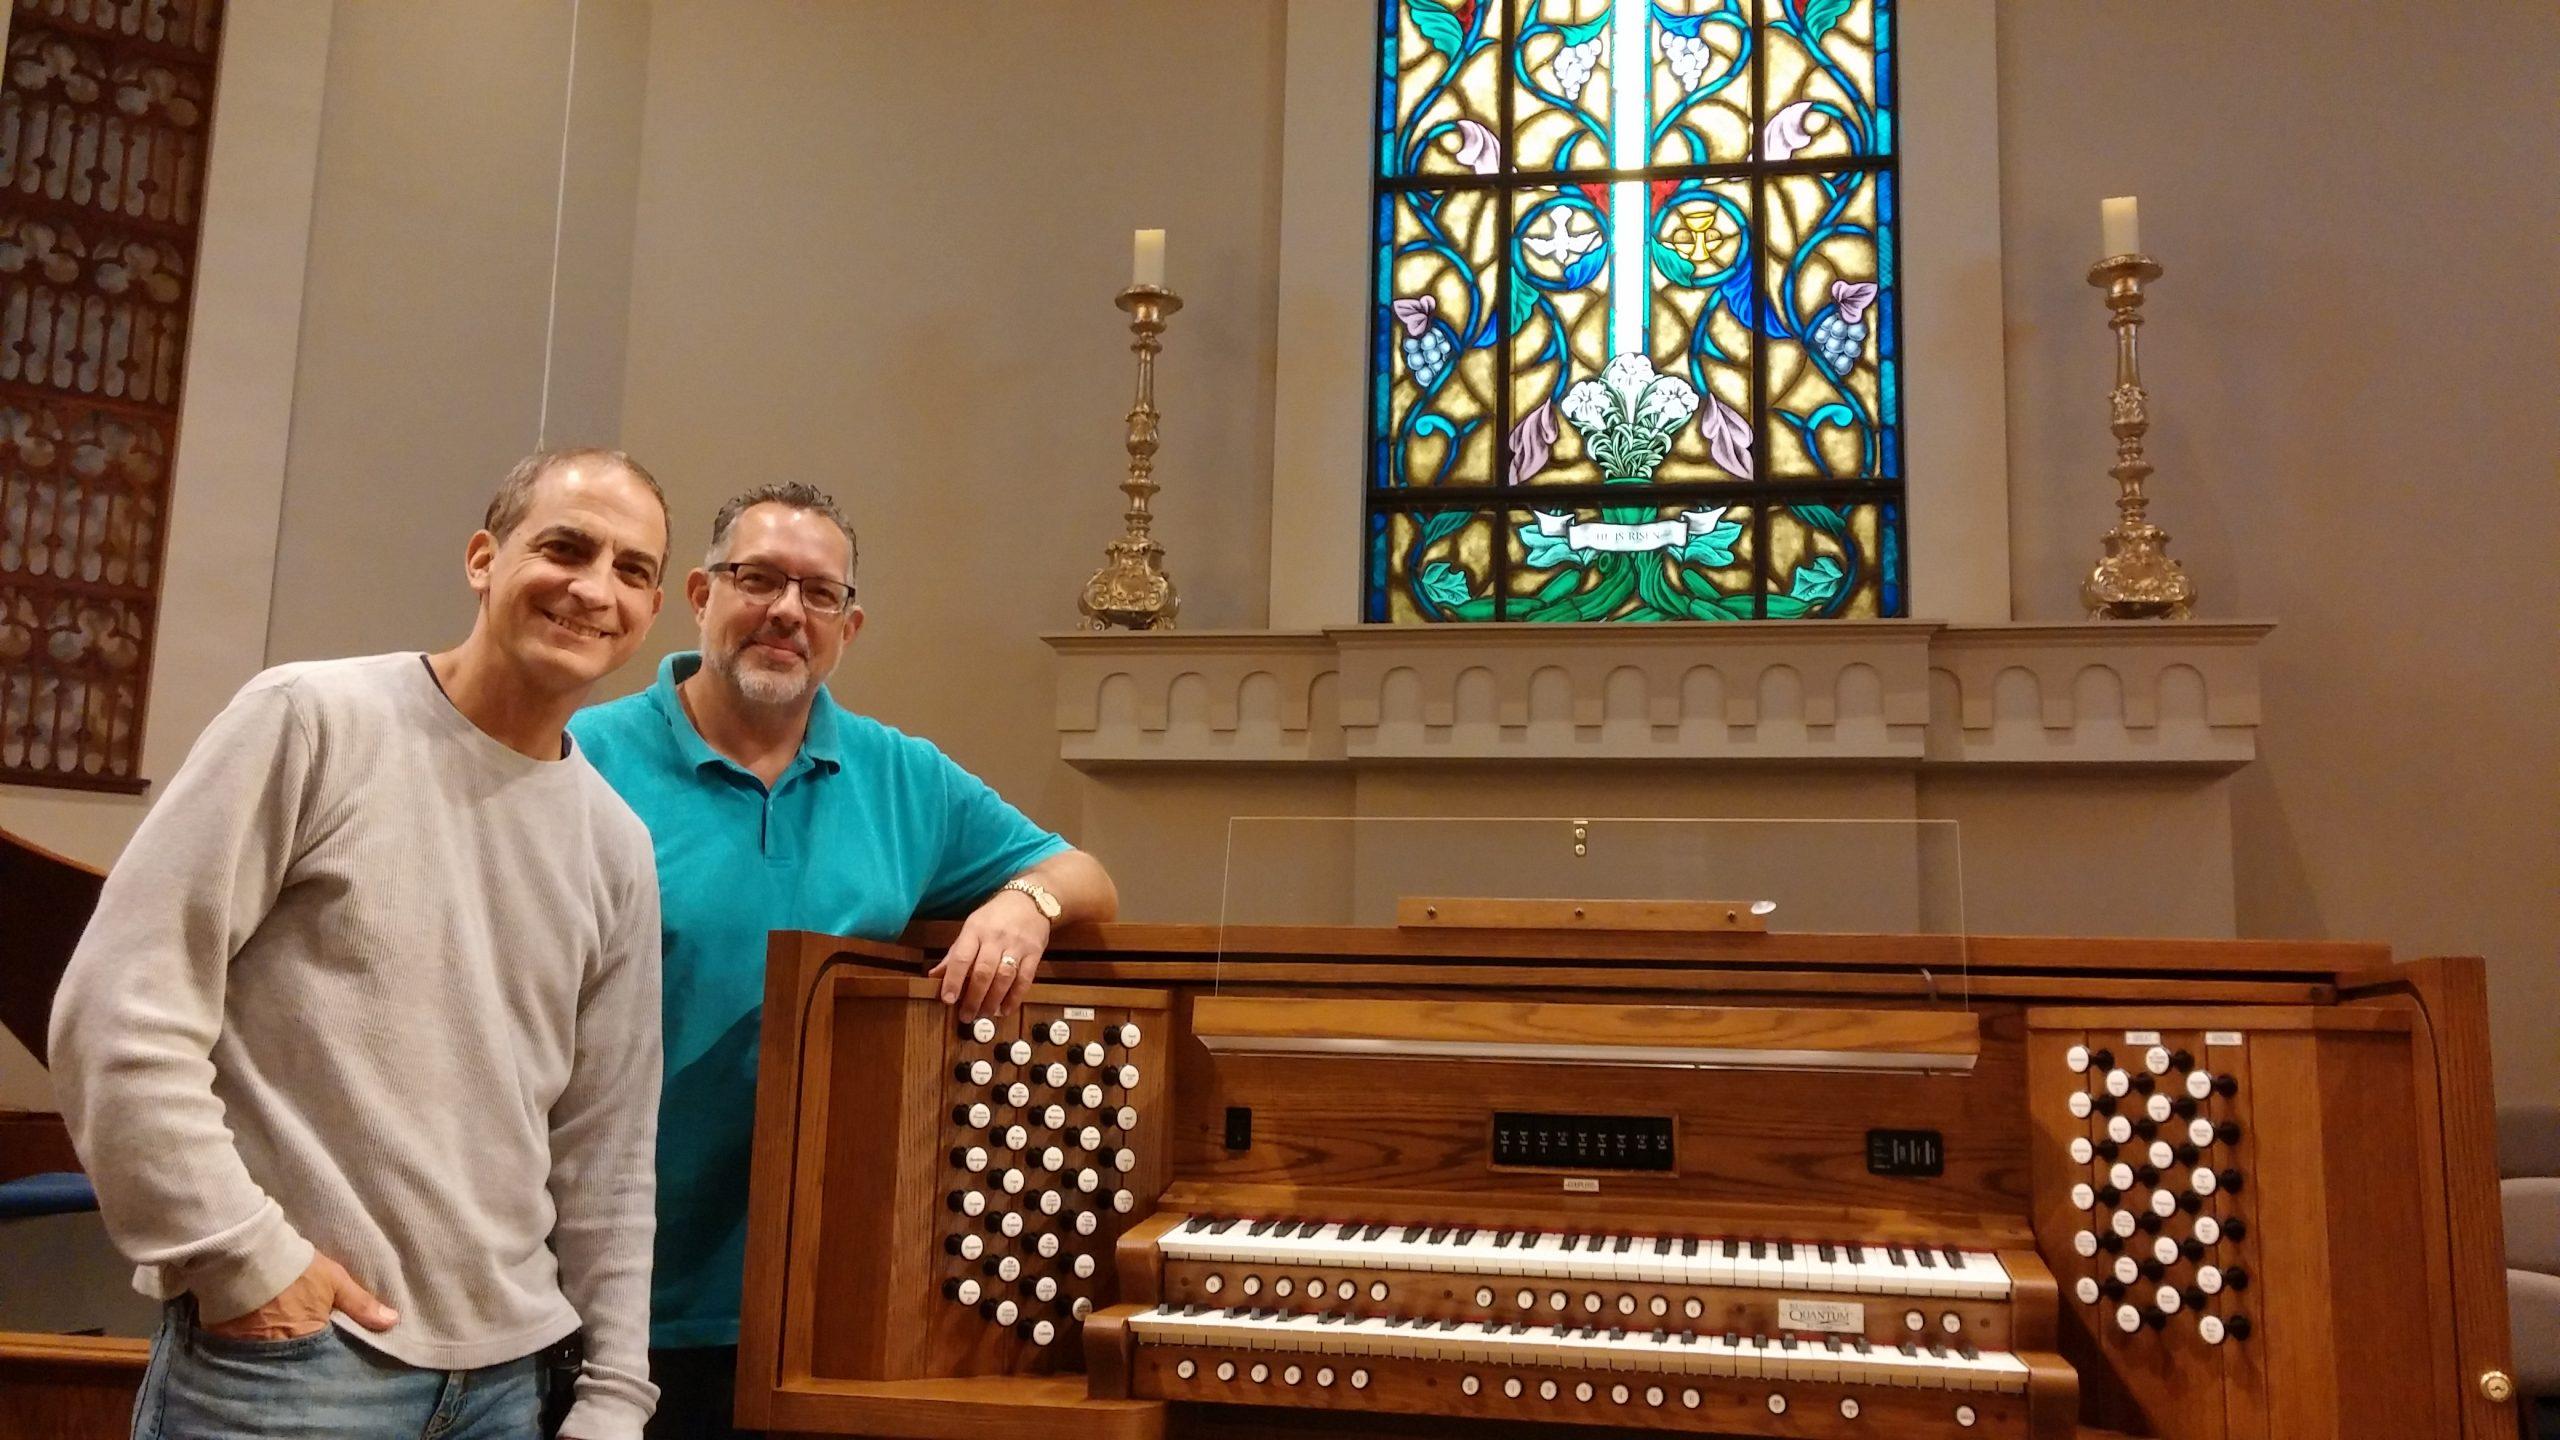 Allen Organ at Young Meadows Presbyterian in Montgomery, Alabama